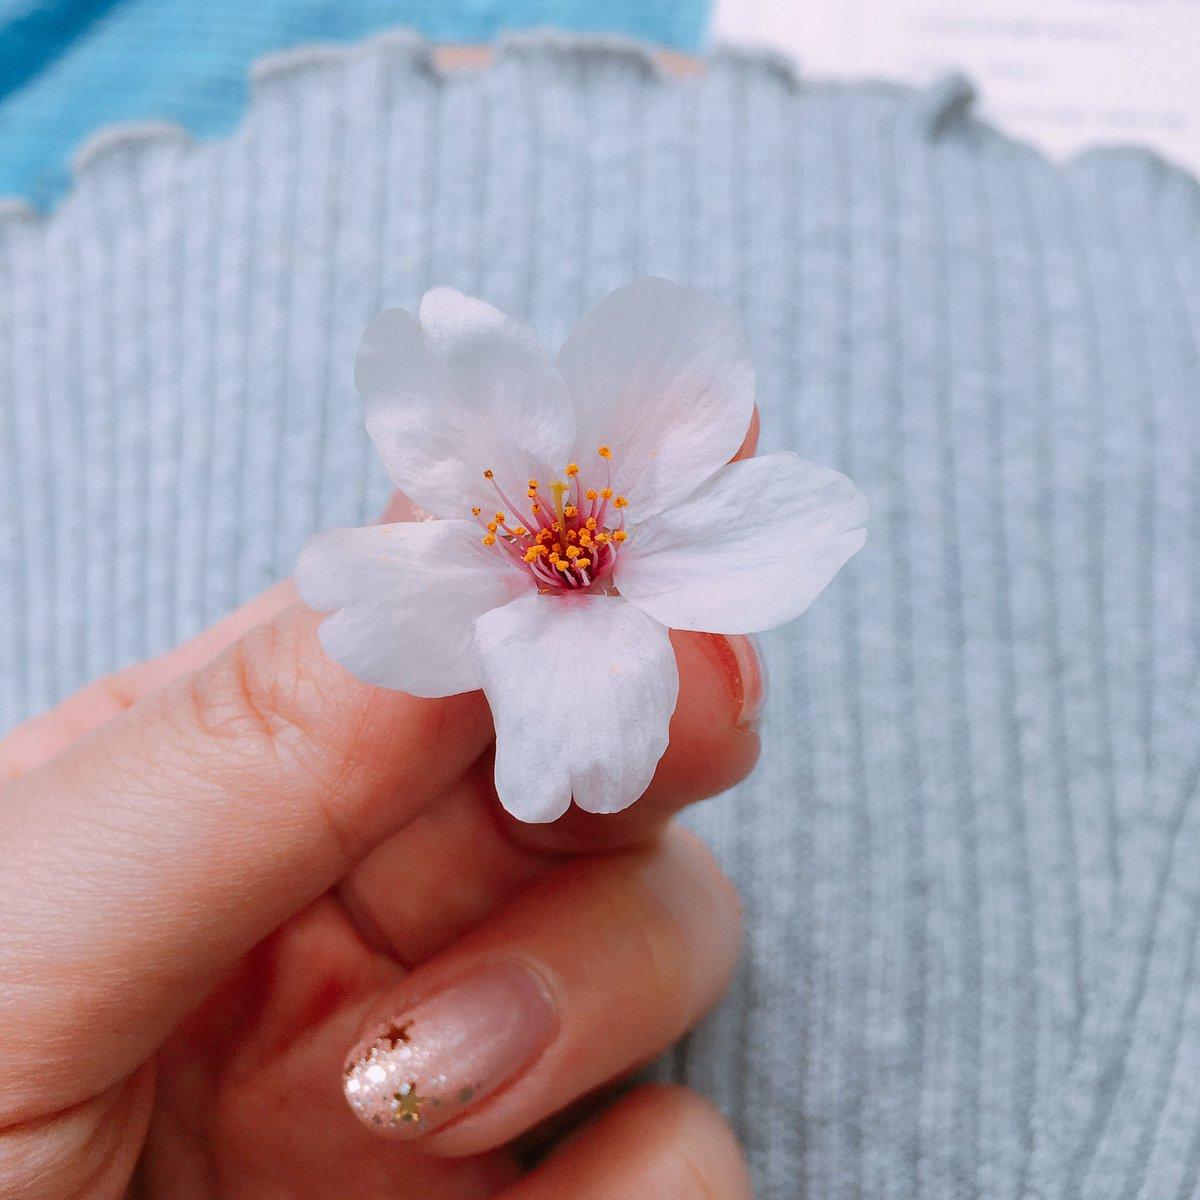 鳥が落としてった桜(*`・ω・´)ノby西 #洲崎西